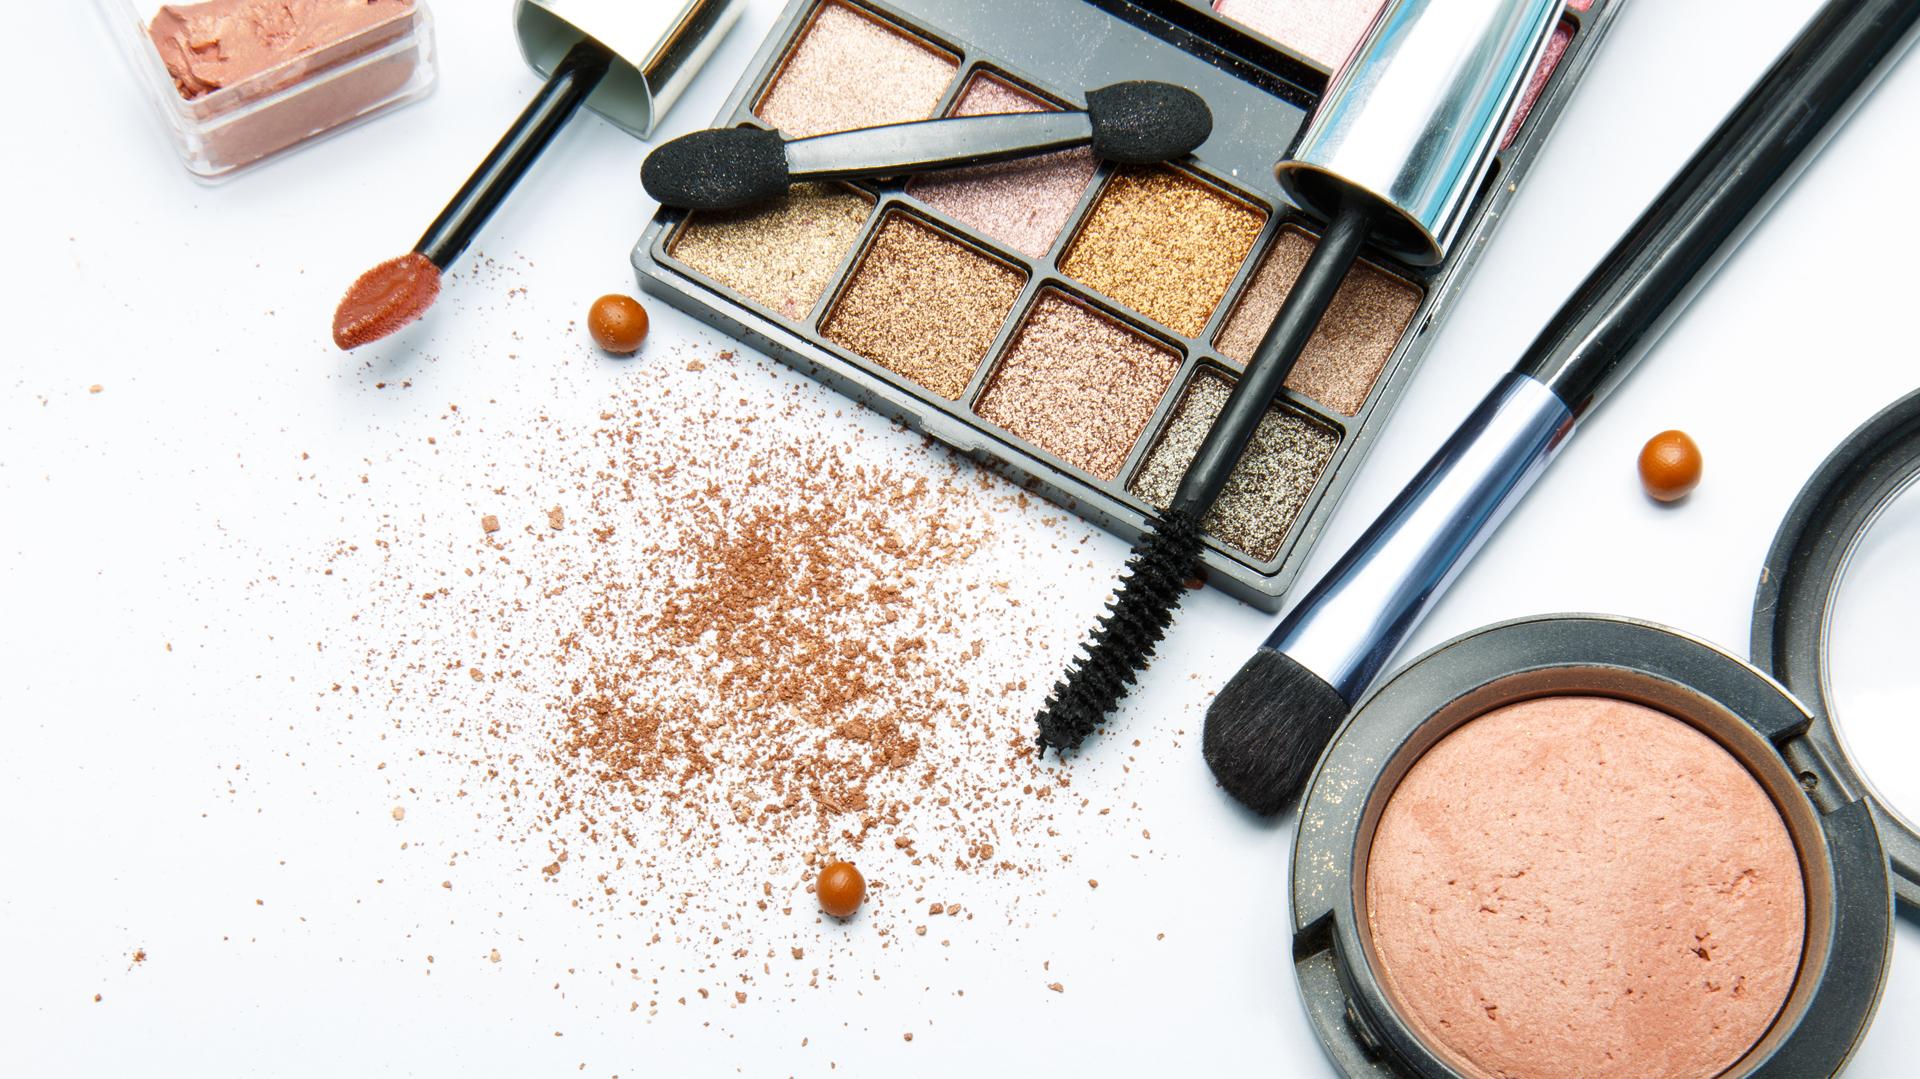 Máscaras, tinturas, pestañas postizas, son muchos los productos para embellecer la mirada (iStock)